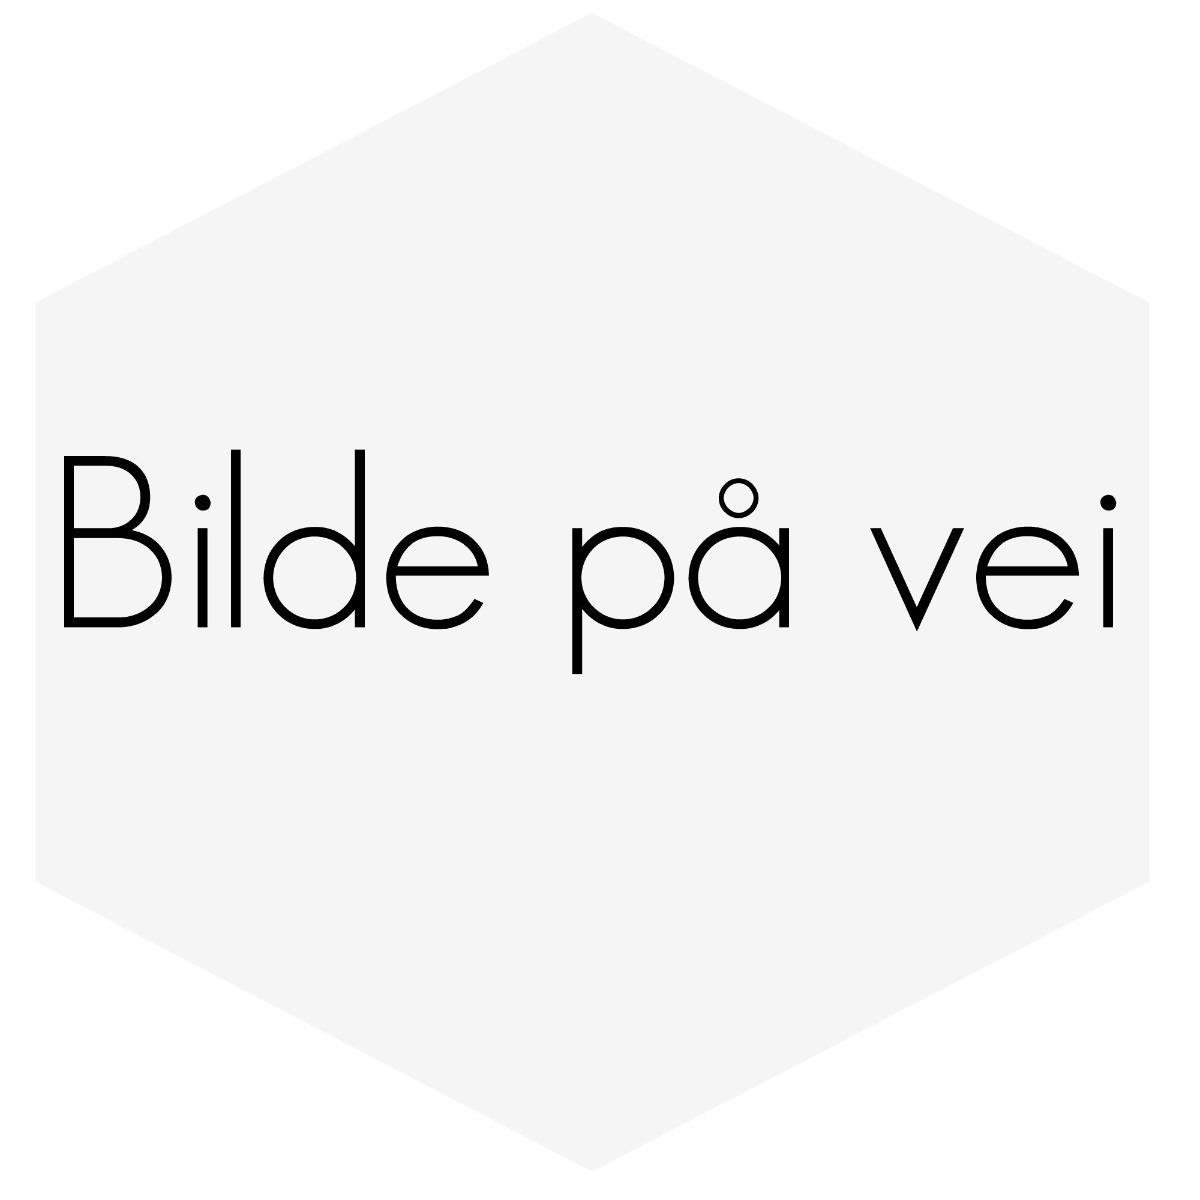 FORSKJERM 142,144,145 1969-1972  HØYRE SIDE